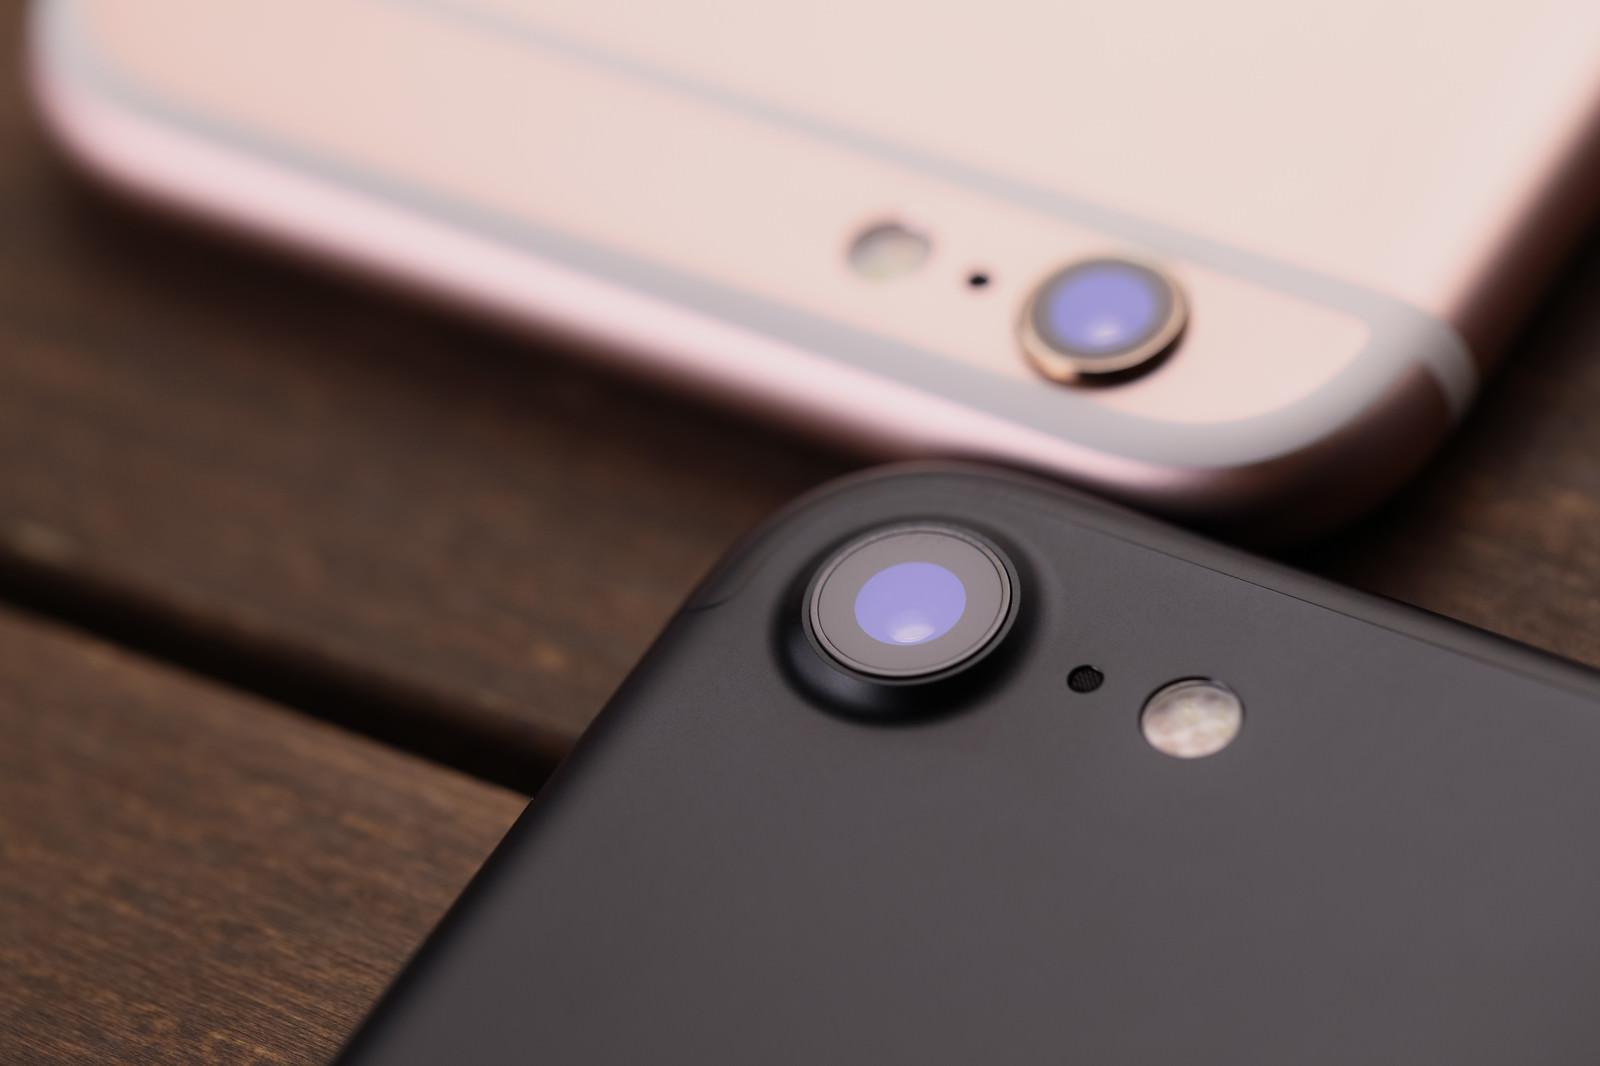 「新型スマートフォンのカメラ部分を徹底比較」の写真